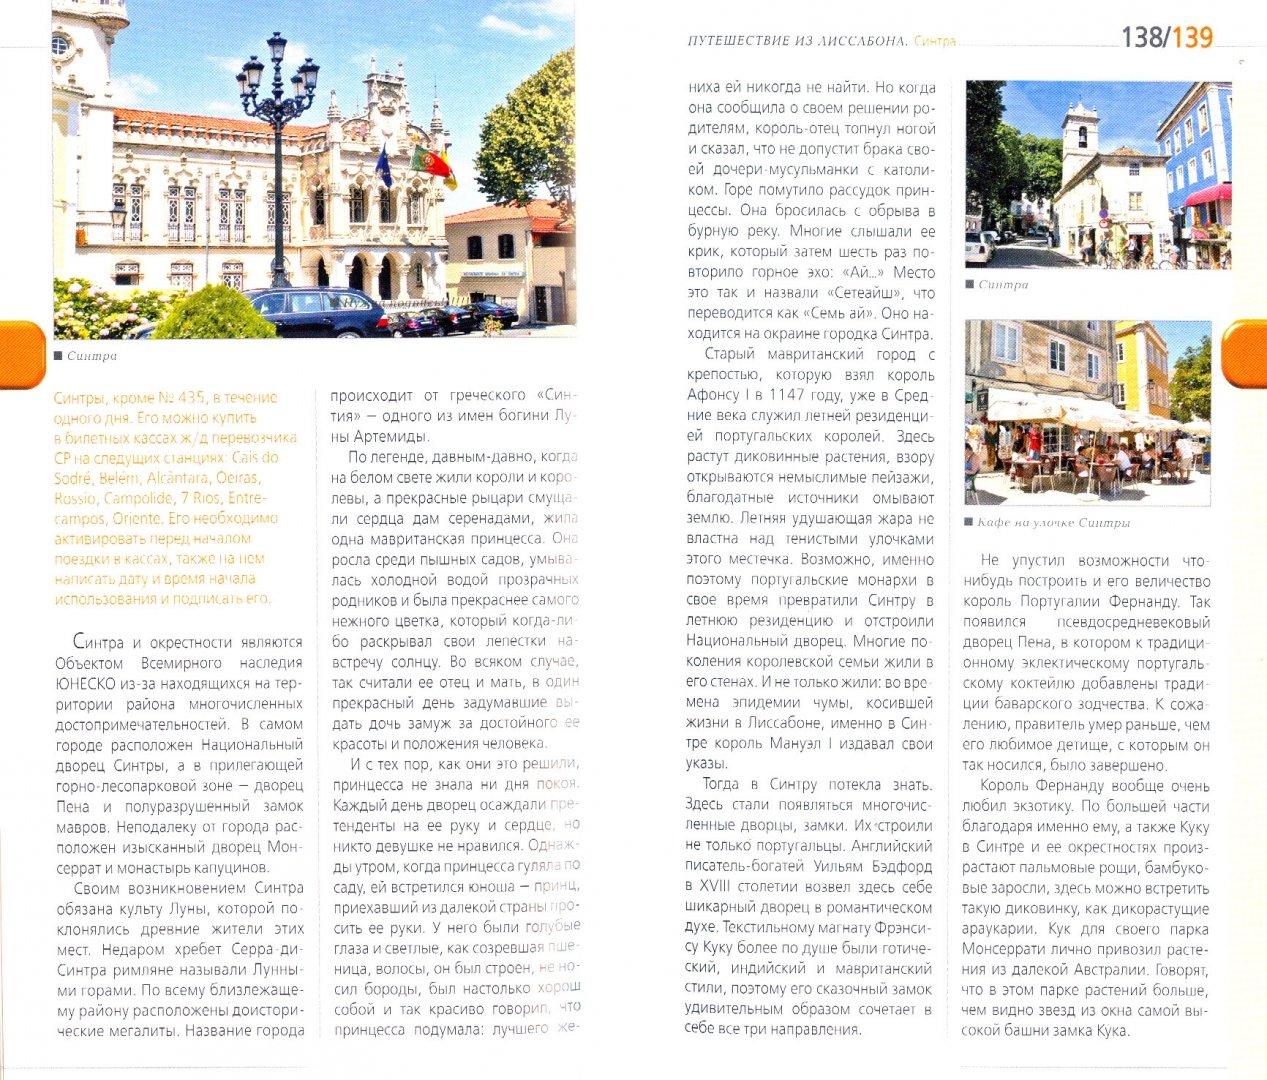 Иллюстрация 1 из 5 для Португалия (+ карта) - Ольга Чередниченко   Лабиринт - книги. Источник: Лабиринт